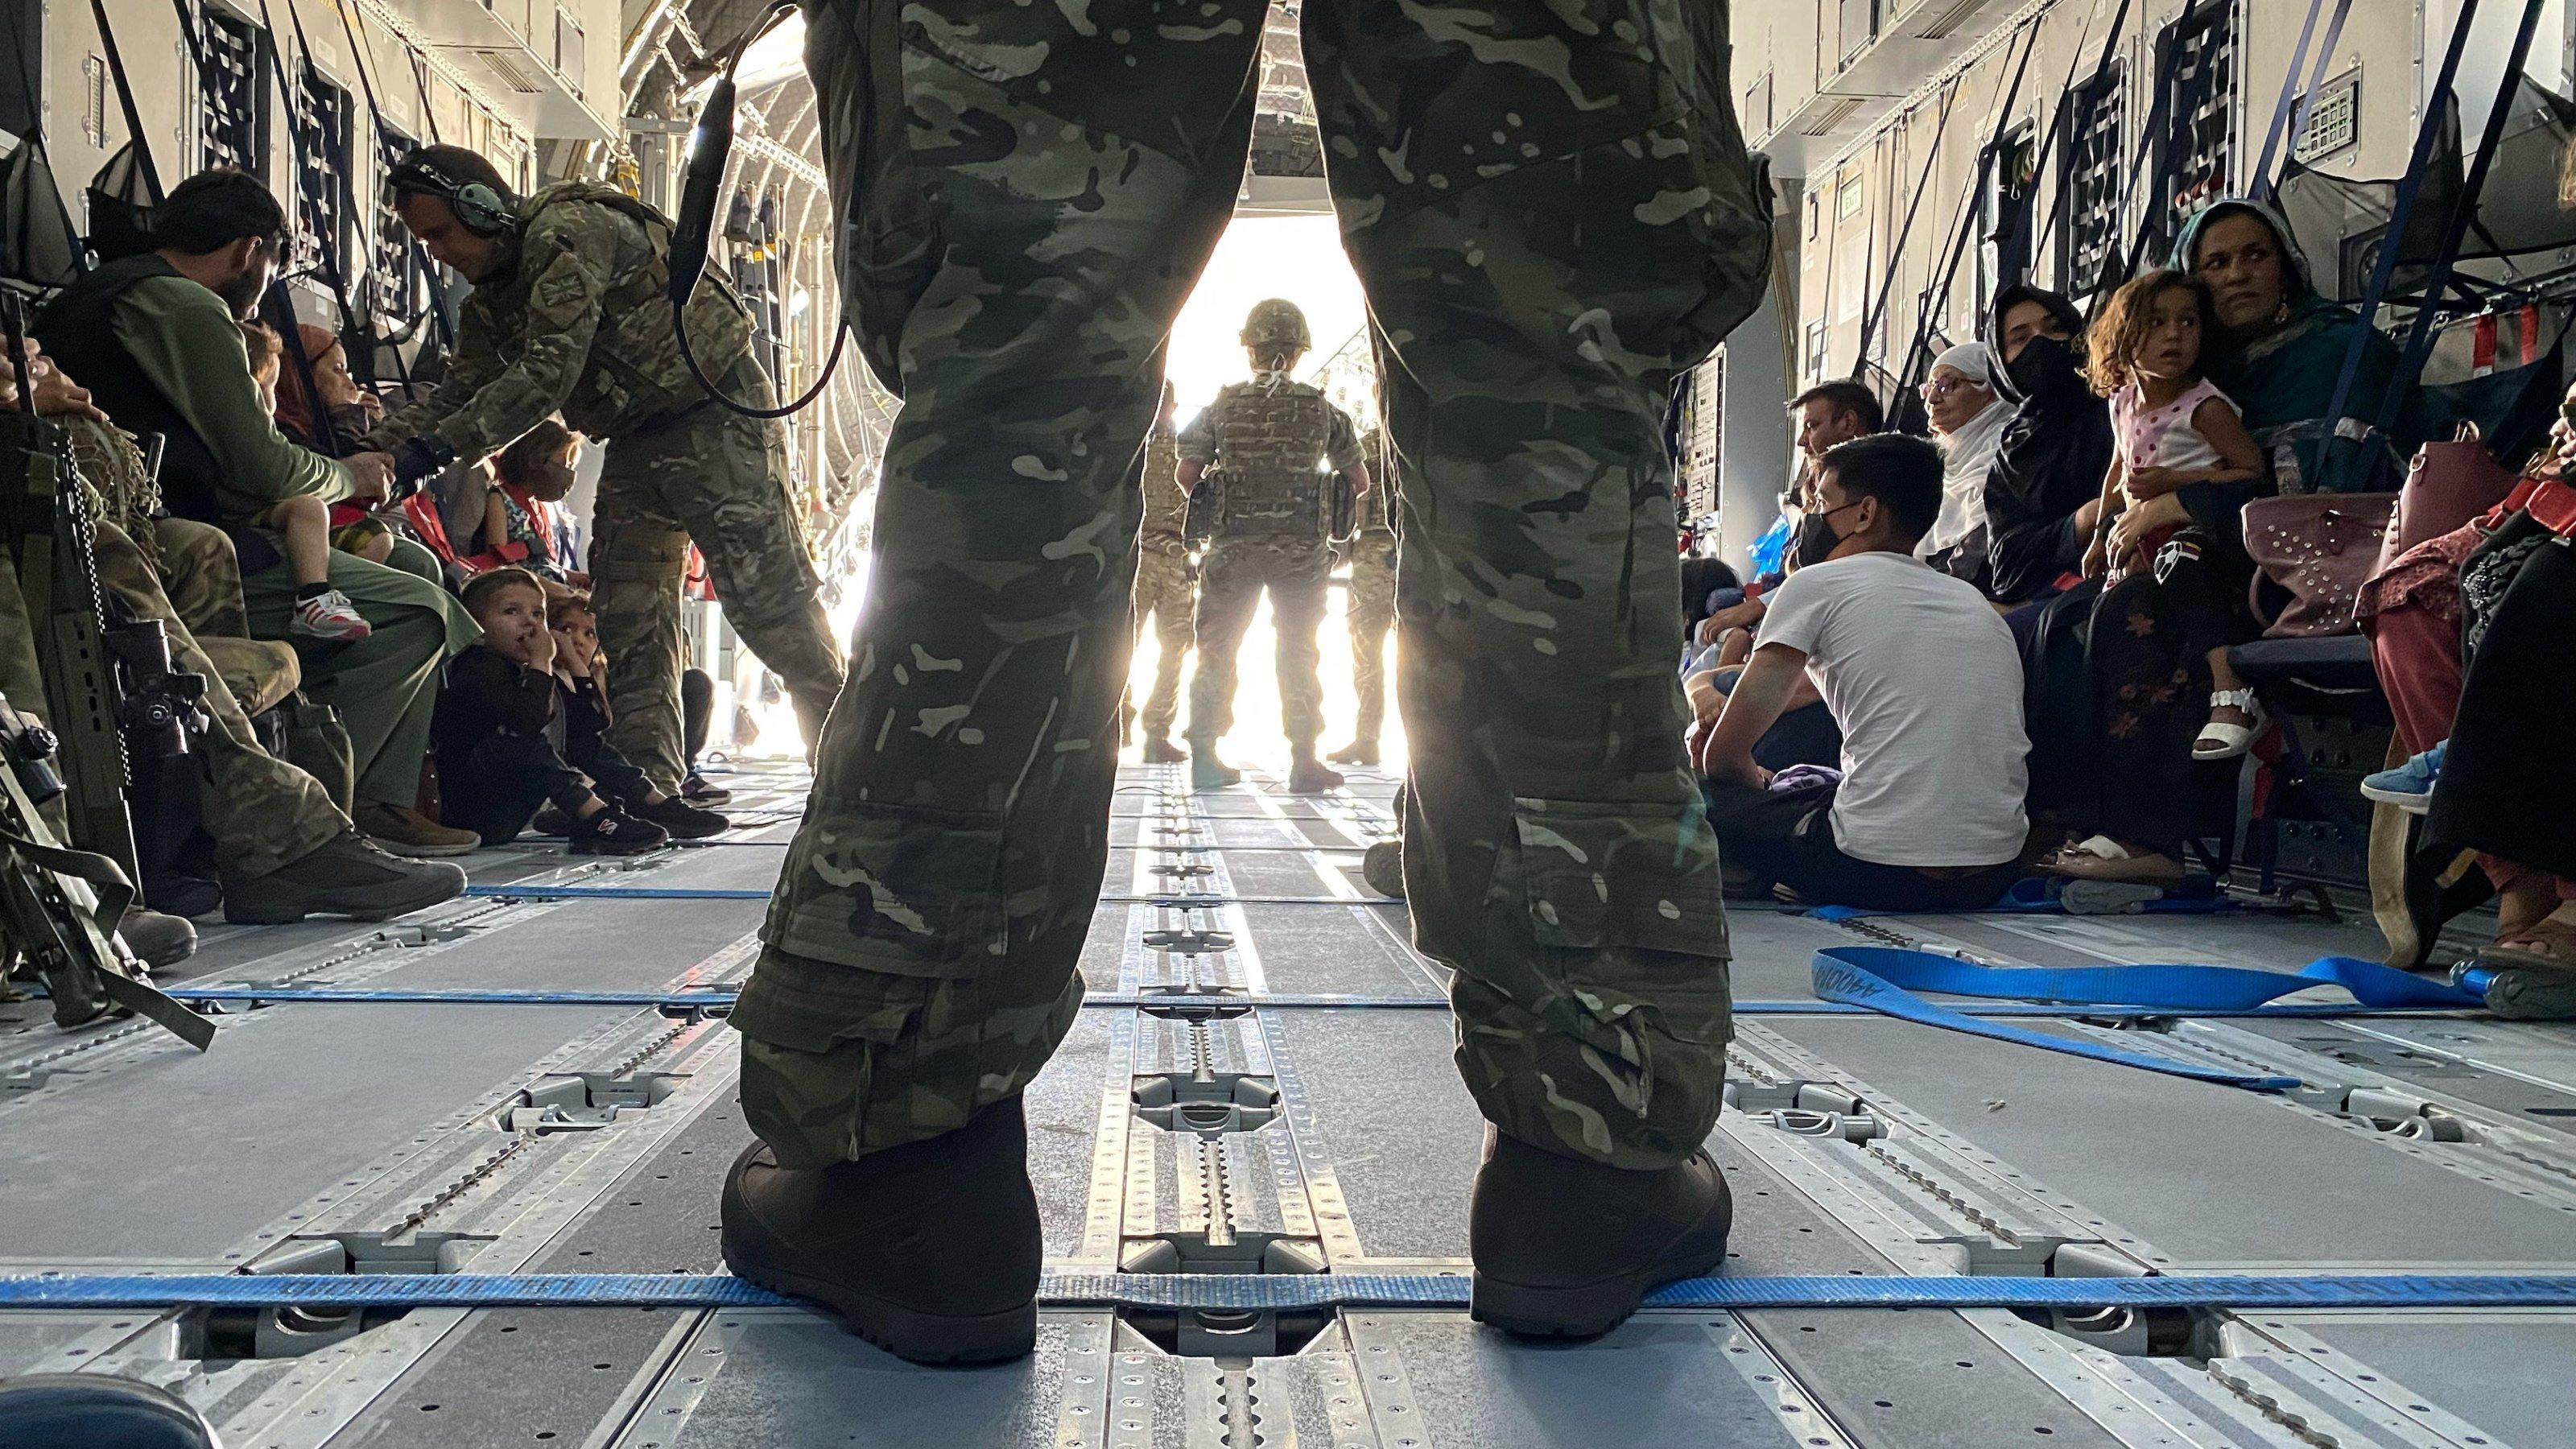 Blick in den Laderaum einer britischen Militärmaschine, im Vordergrund die Beine eines breitbeinig stehenden Soldaten in Tarnuniform. Im Hintergrund zivile Personen, die auf dem Boden des Flugzeuges sitzen.